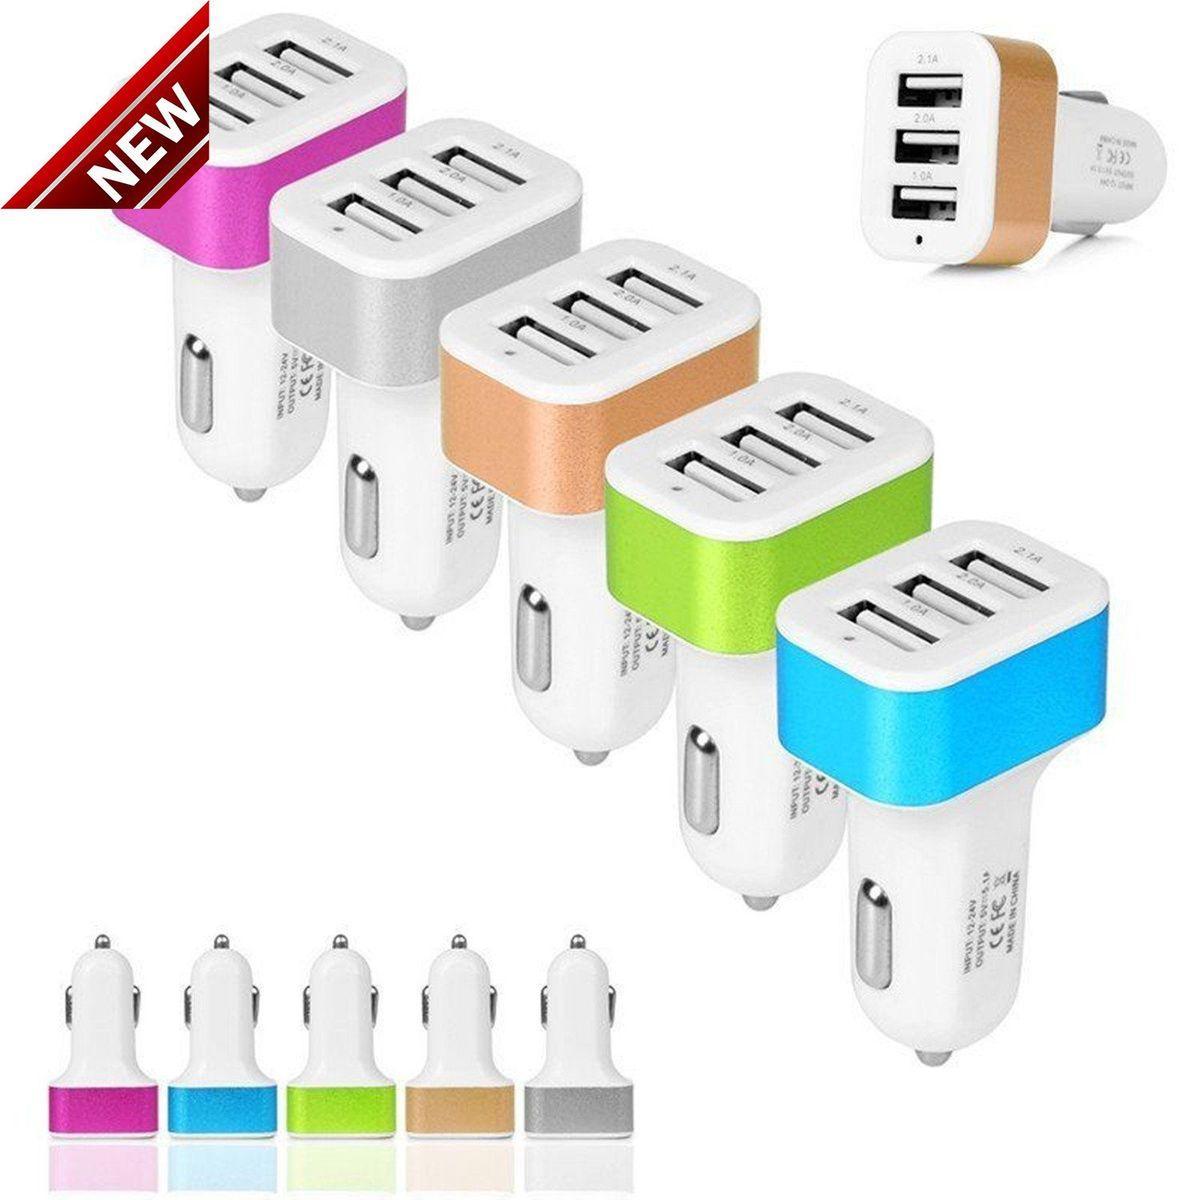 جديد عالمي ثلاثي USB شاحن سيارة محول USB مقبس 3 منفذ شاحن سيارة لفون سامسونج باد دي إتش إل الحرة إذا كان أكثر من 200pcs